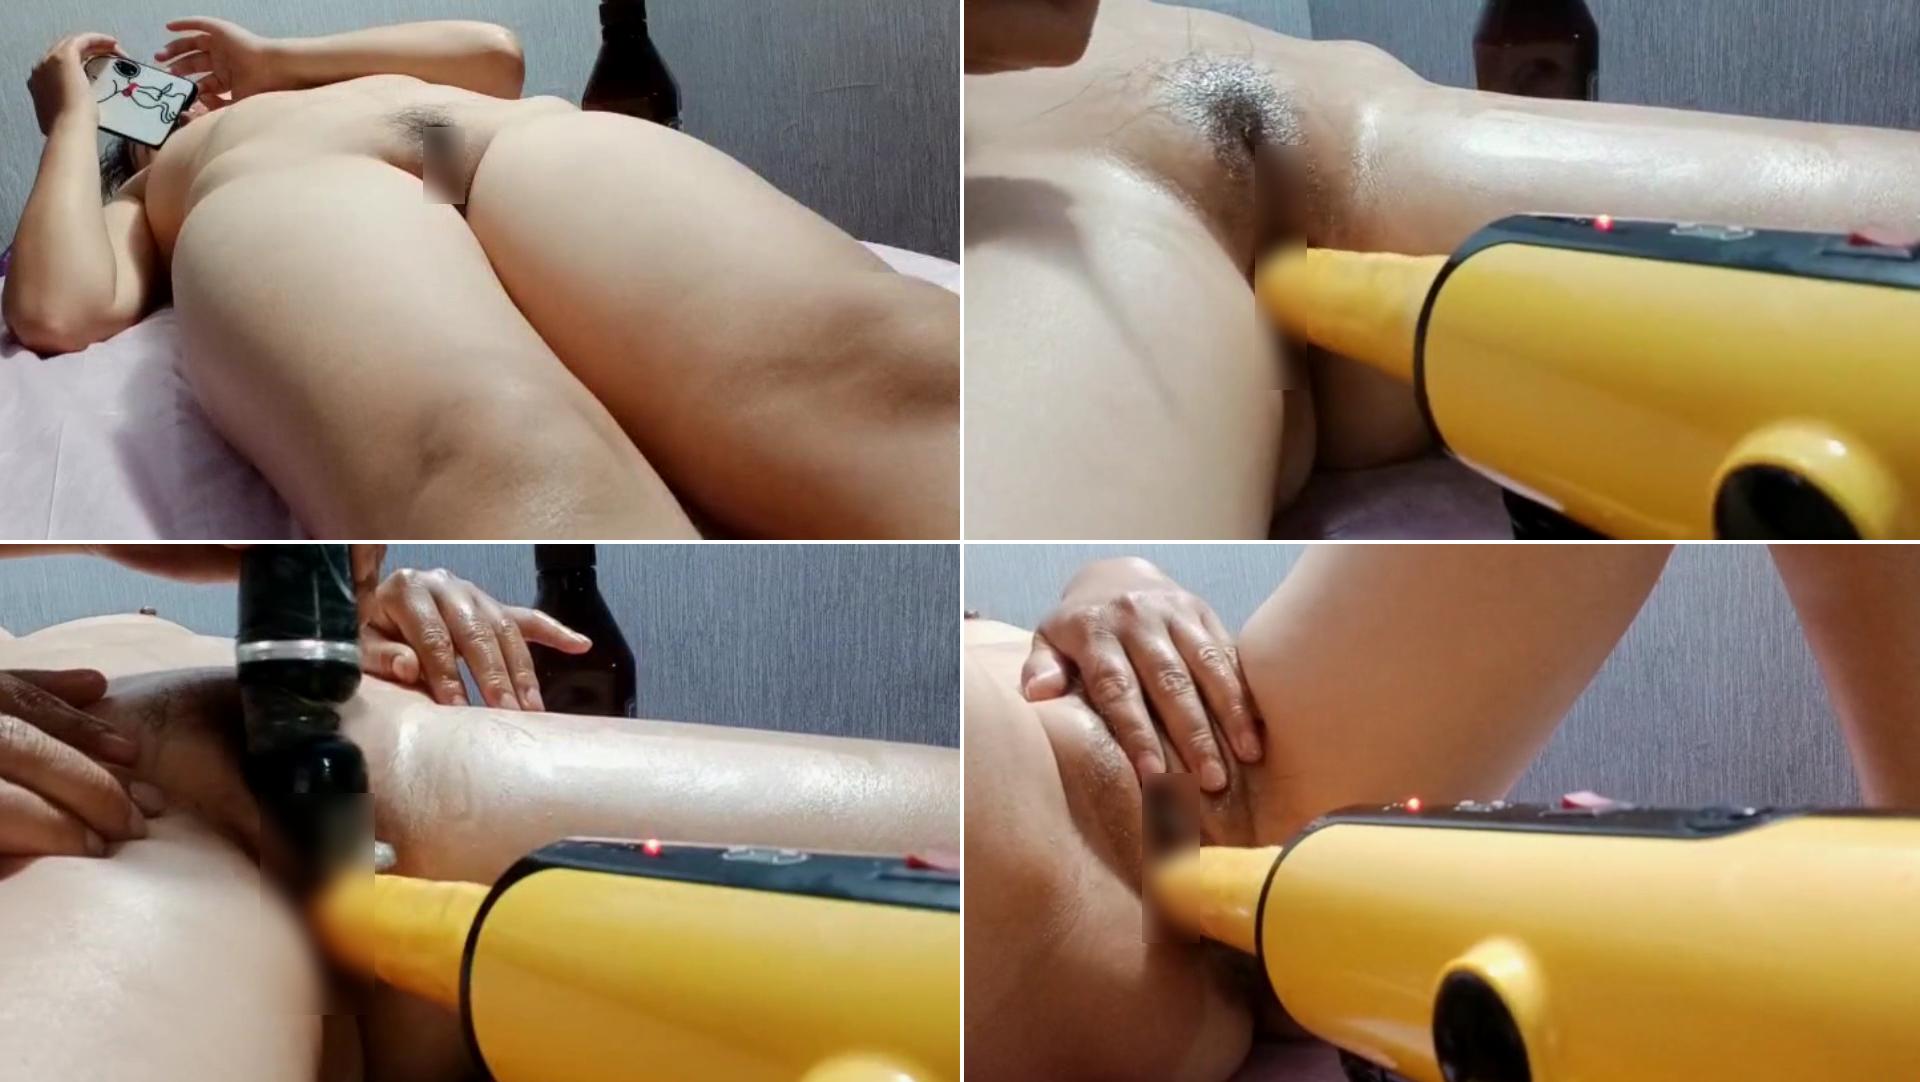 【自動バイブ式マッサージ】序盤が手で体を揉みほぐすのですが途中から自動で前後するバイブと電マを用いた局部マッサージになるオルガズム必死な熱烈マッサージwww